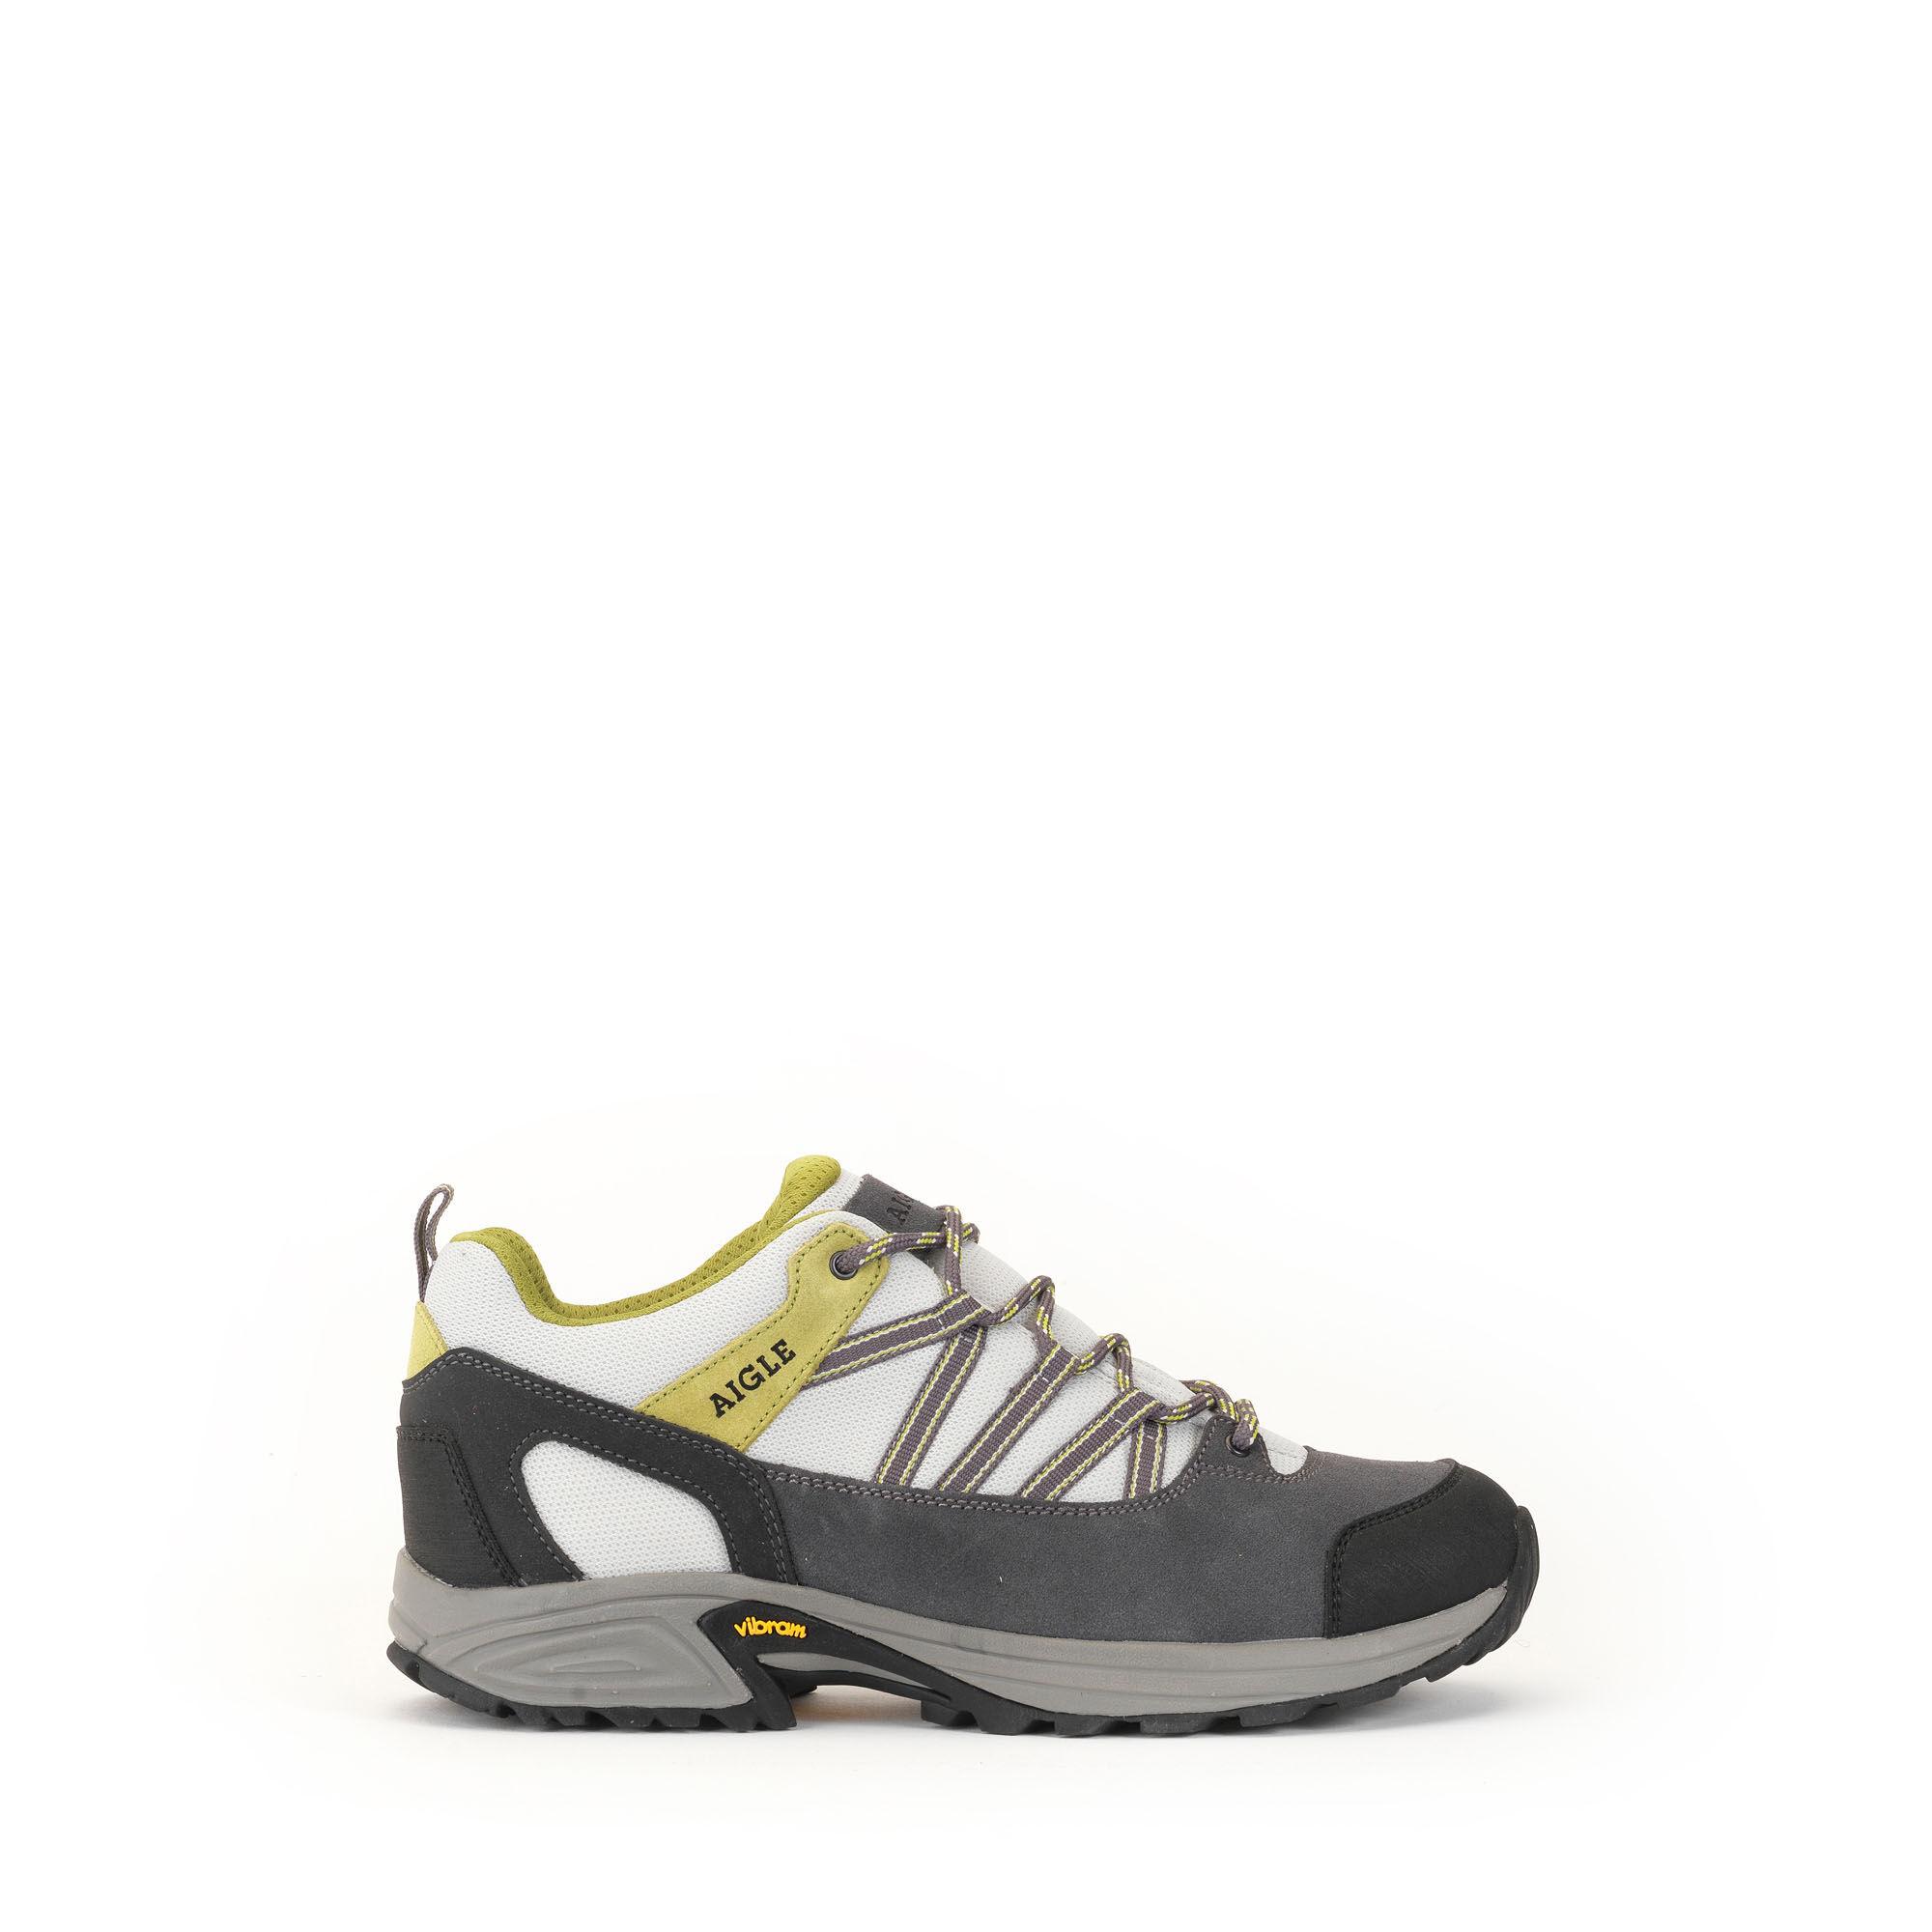 Chaussure de petite randonnée en mesh homme